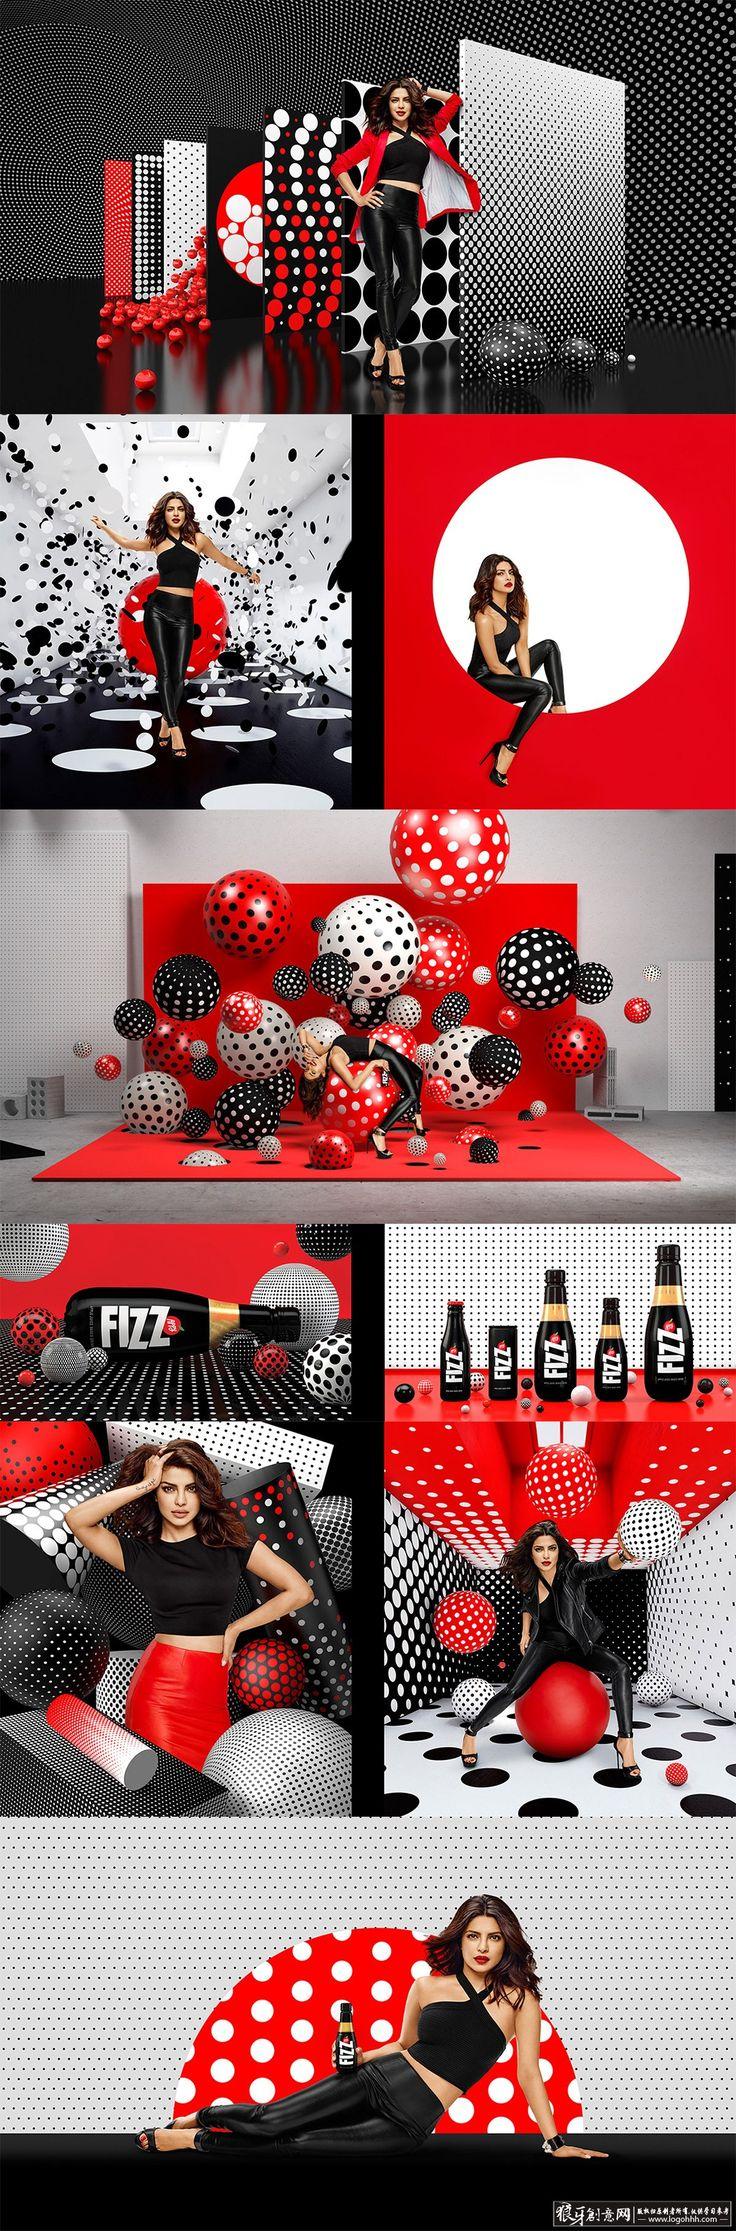 创意设计灵感素材_创意素材_海报_画册_平面设计_网页设计_淘宝电商设计 - 狼牙网